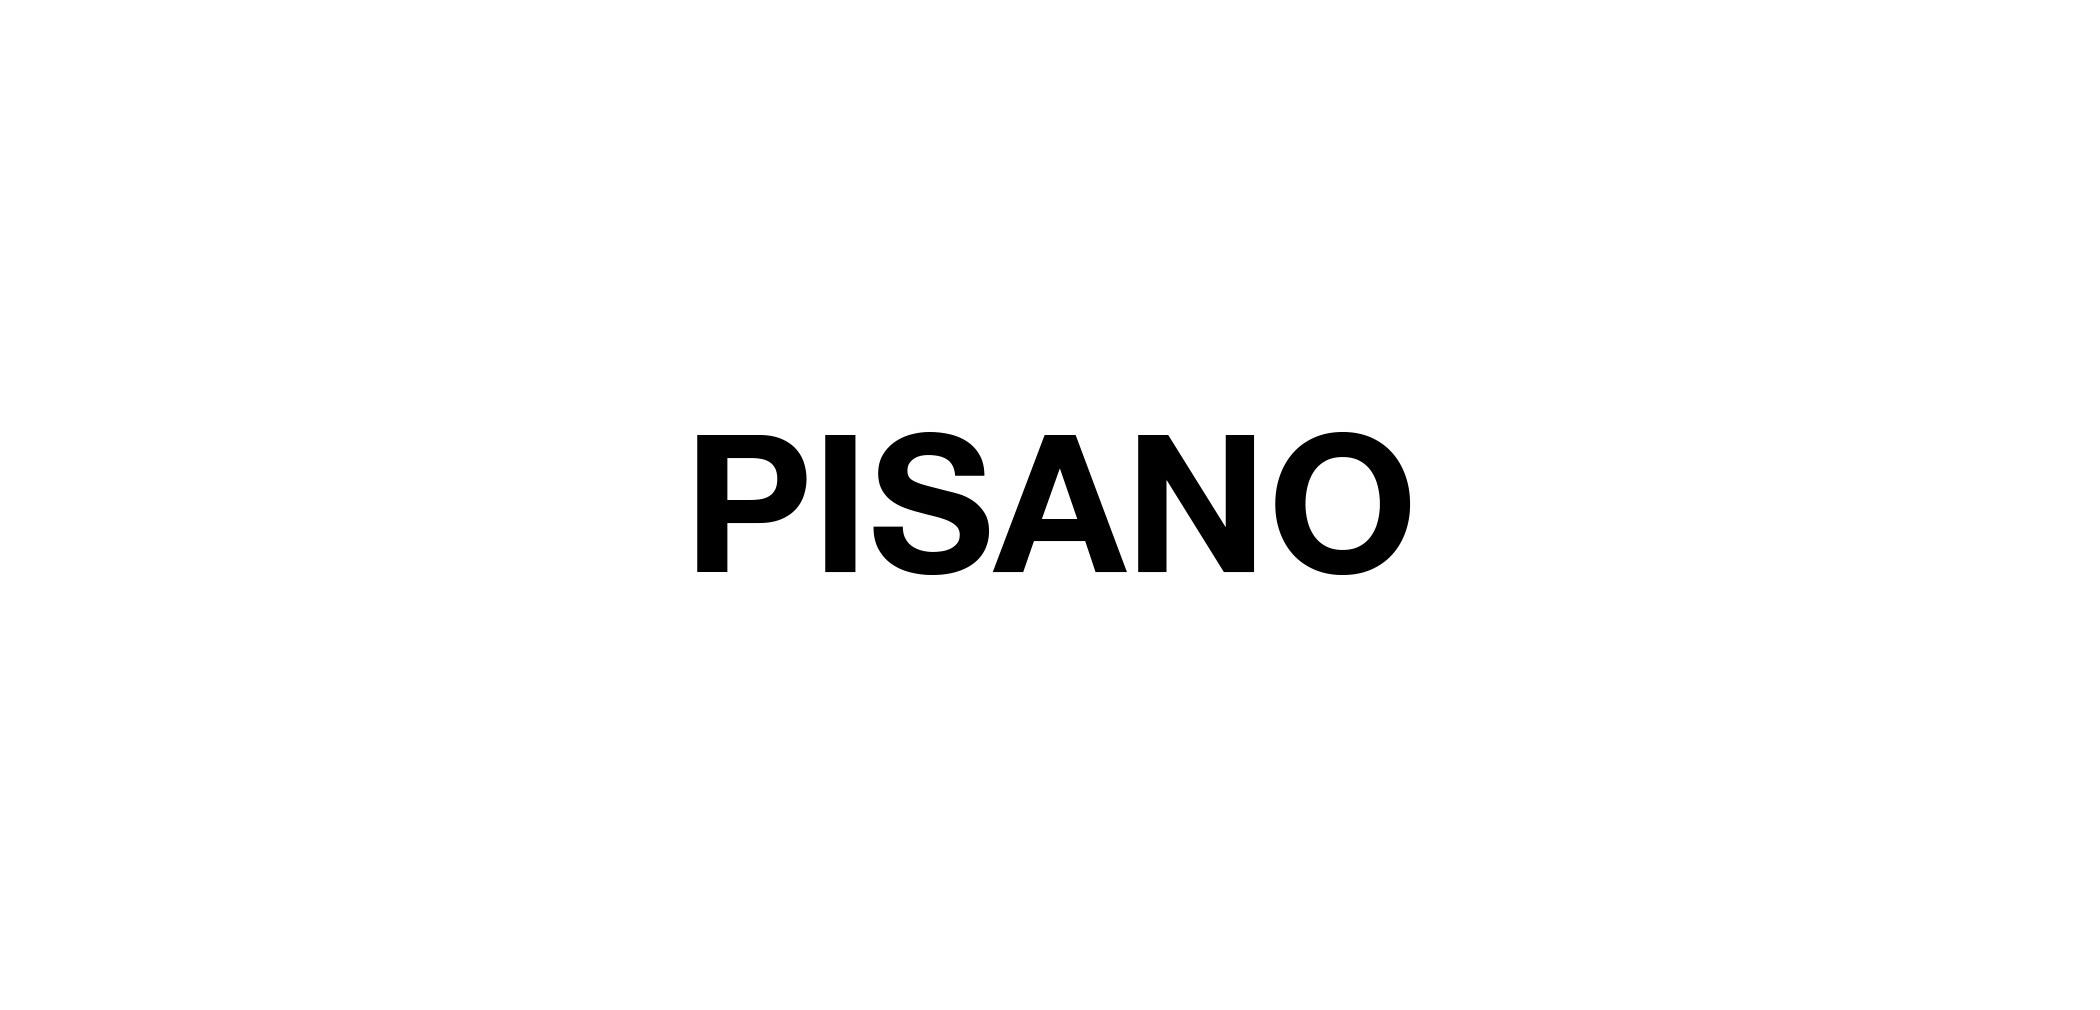 PISANO.jpg